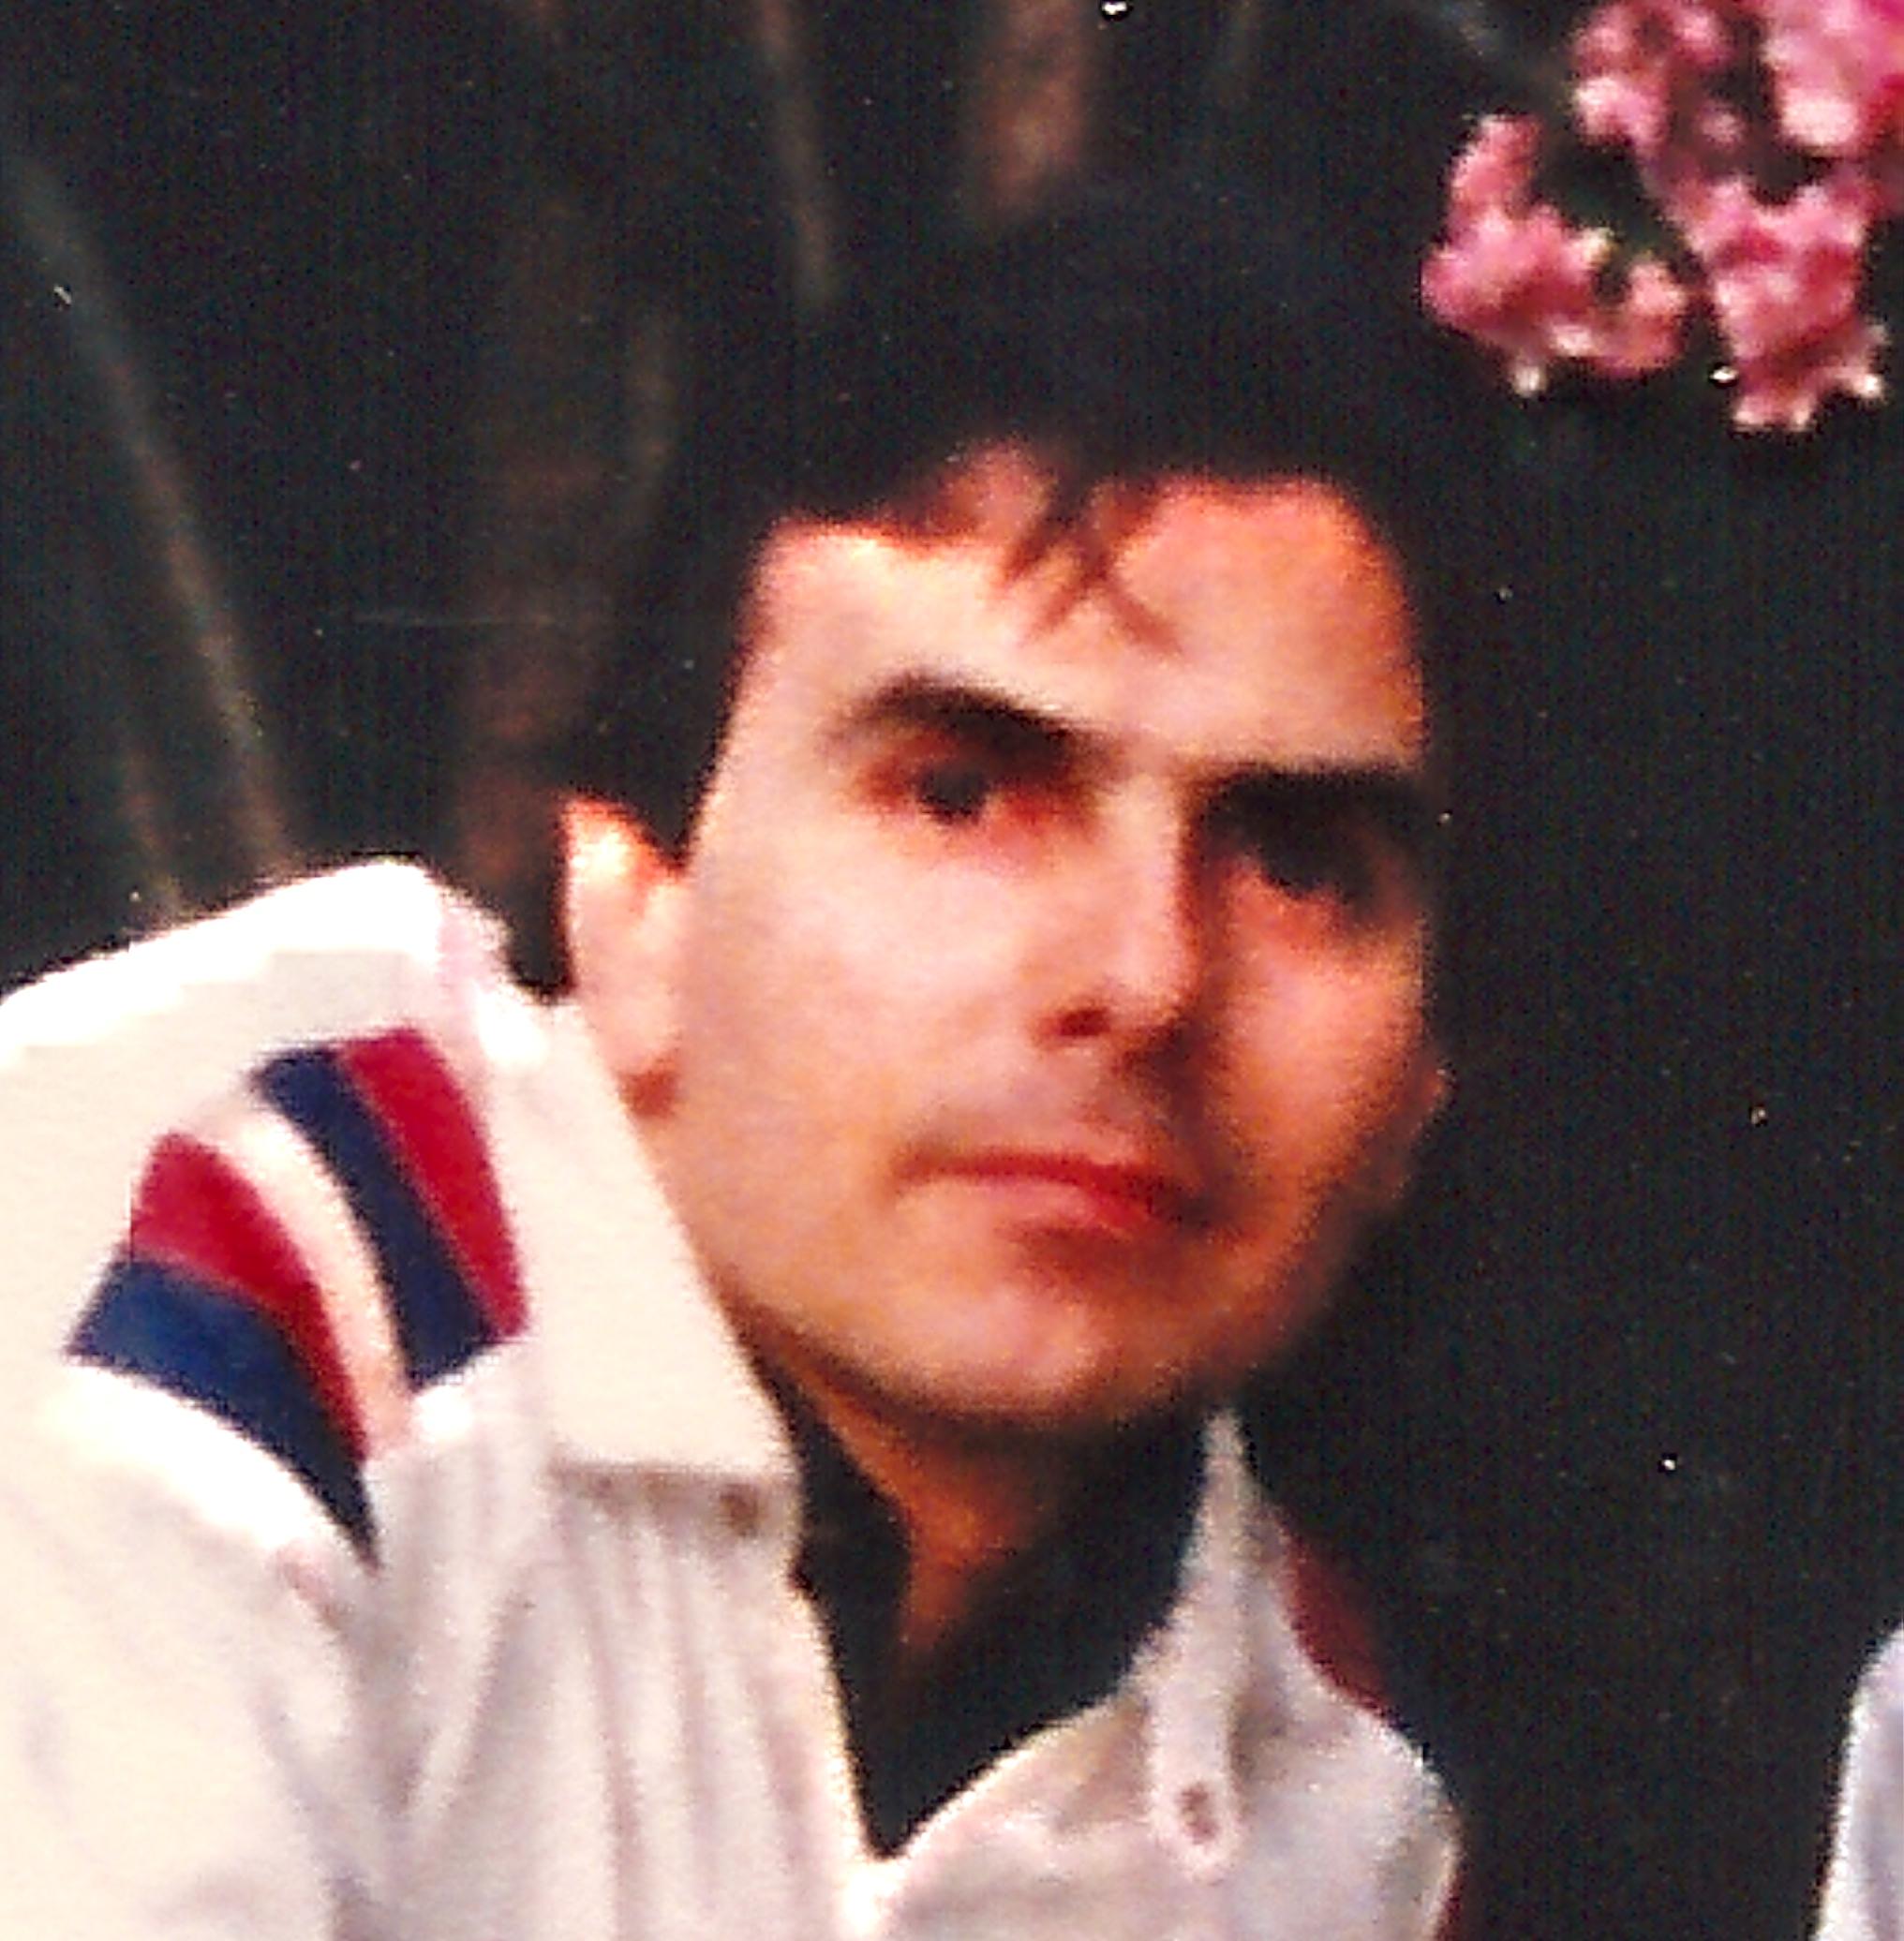 JOHN DINARDO